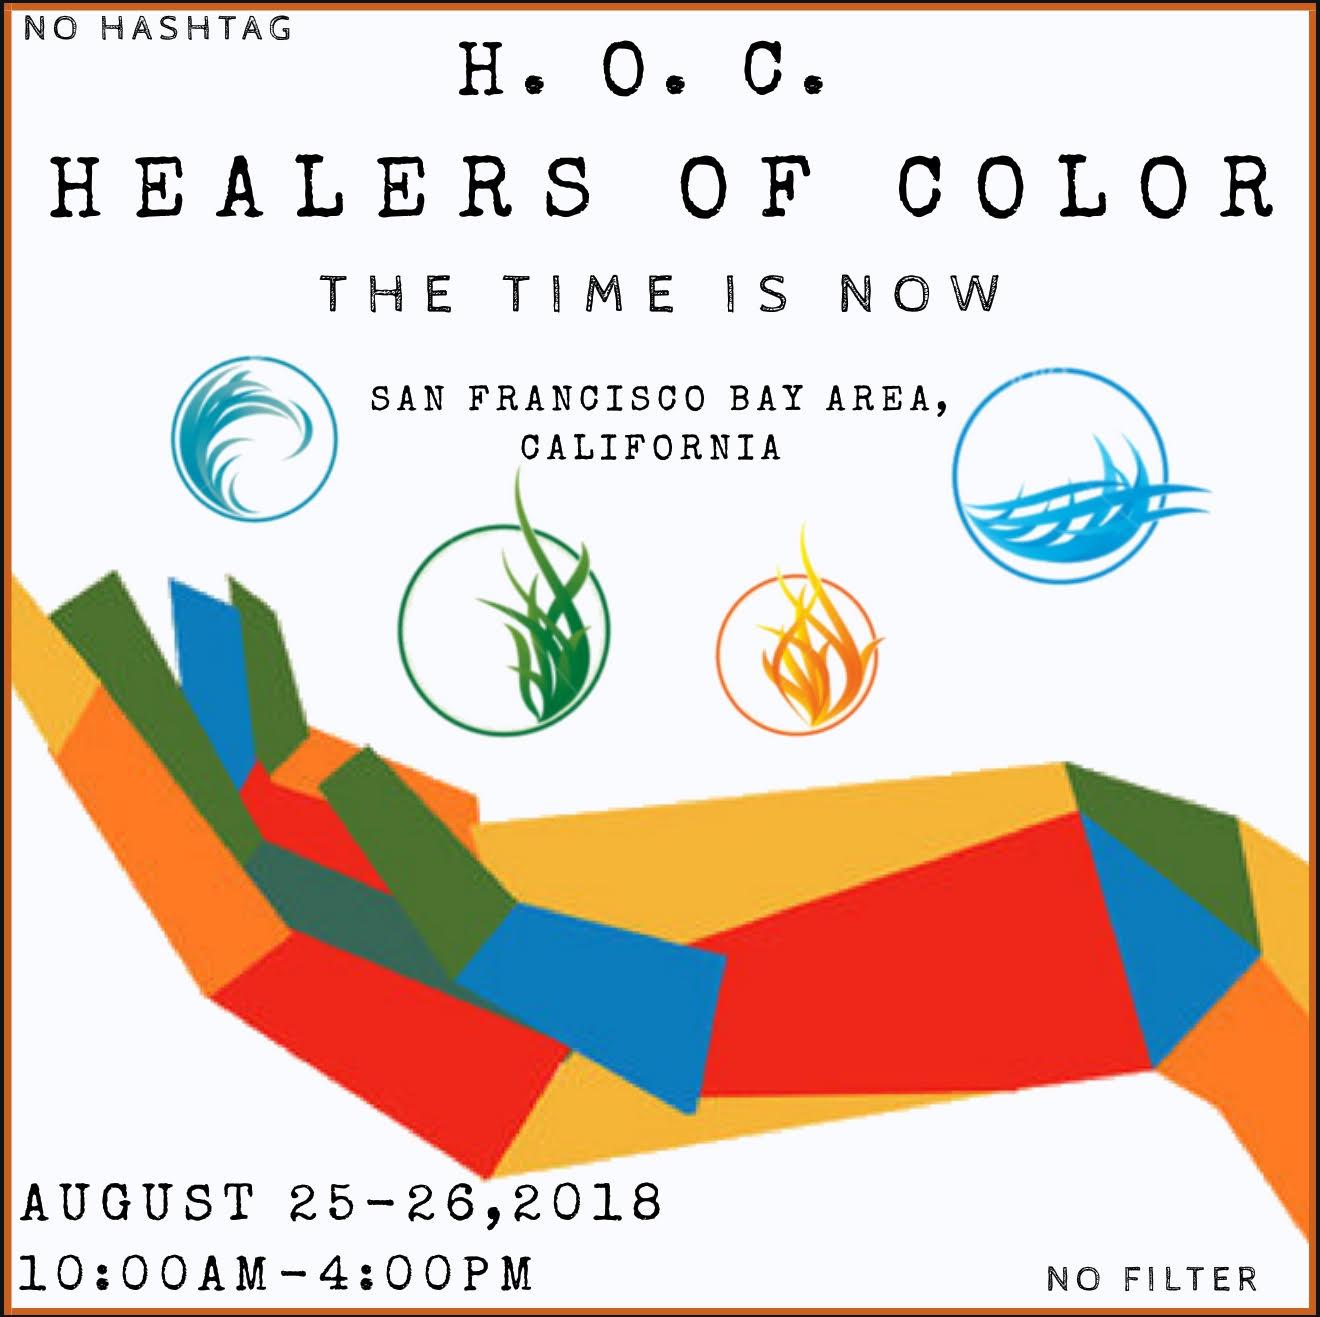 healers of color august 2018.jpg